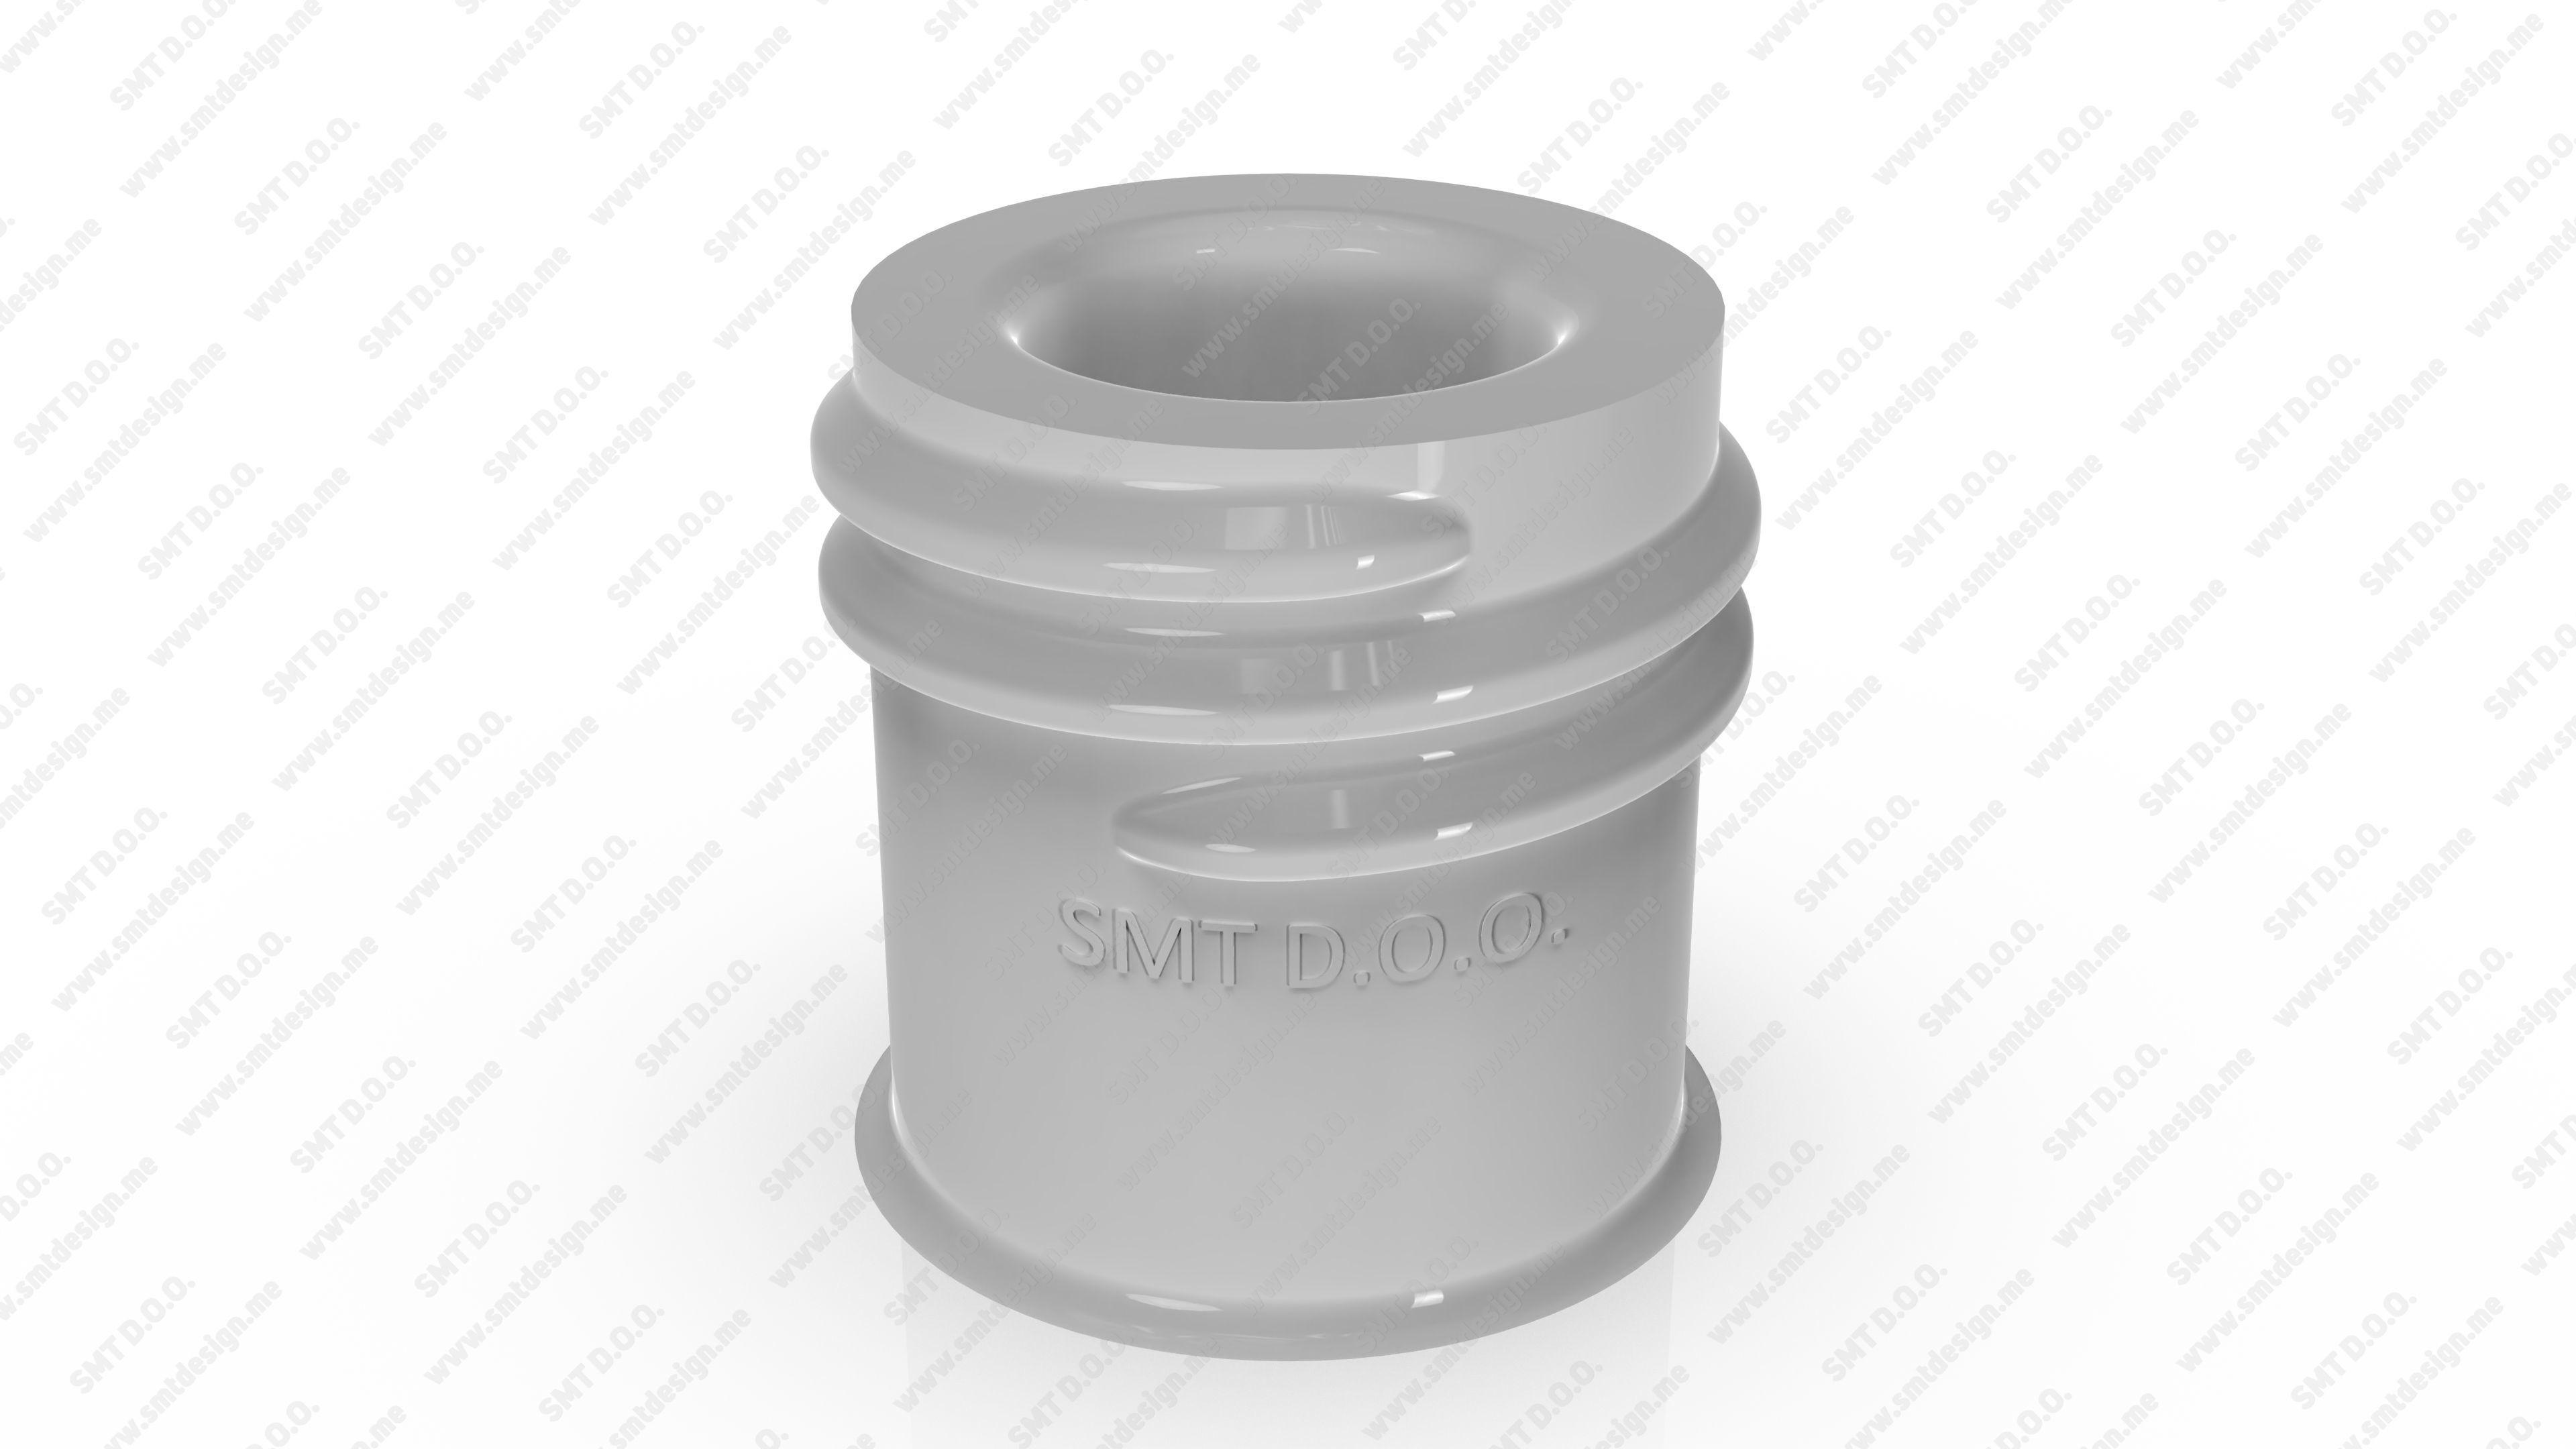 Neck of PET Preform - SP - 415 - 22 - M